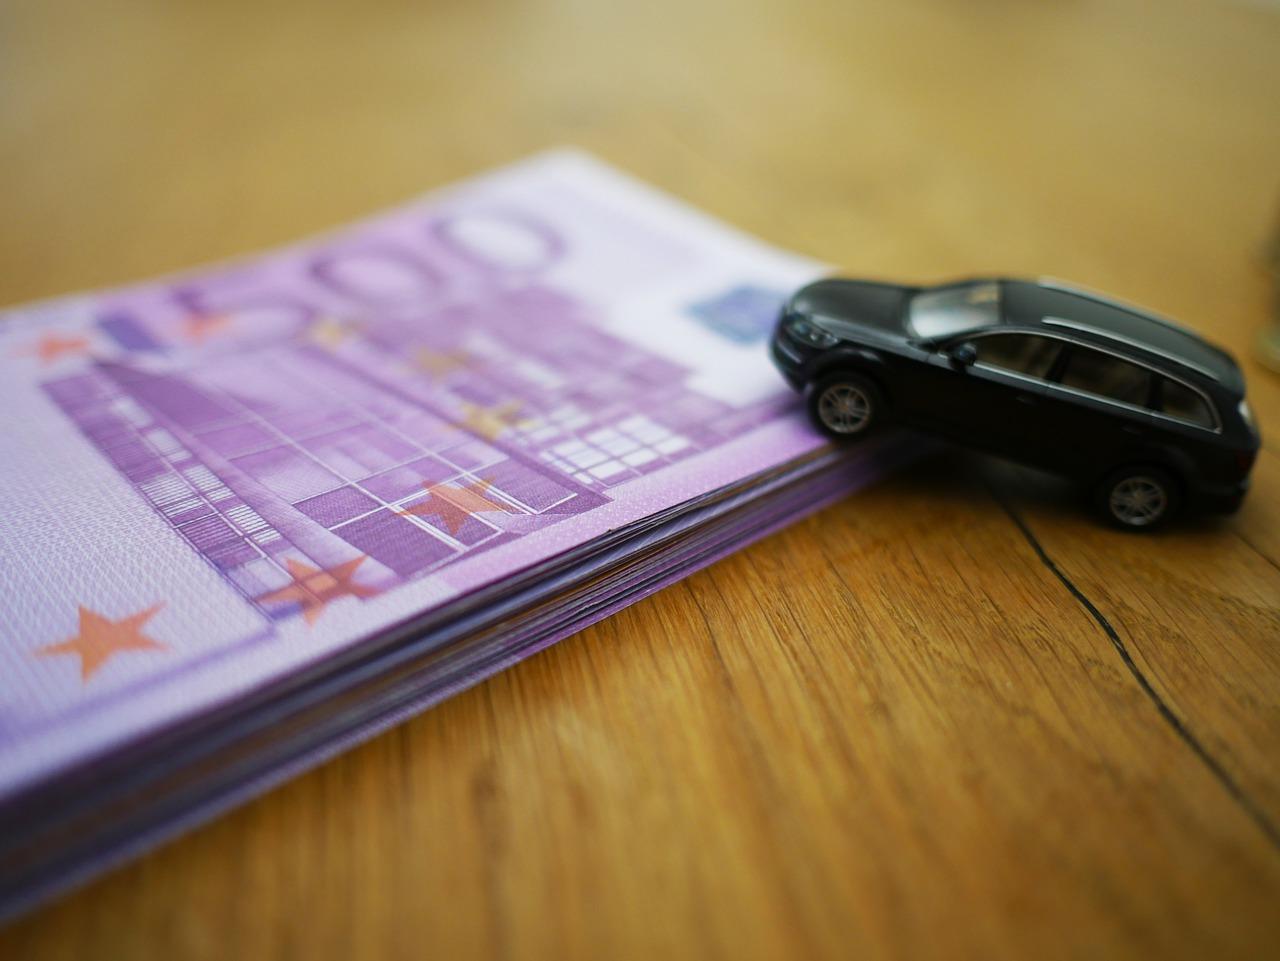 réaliserune déclaration de cession d'un véhicule payant sur internet